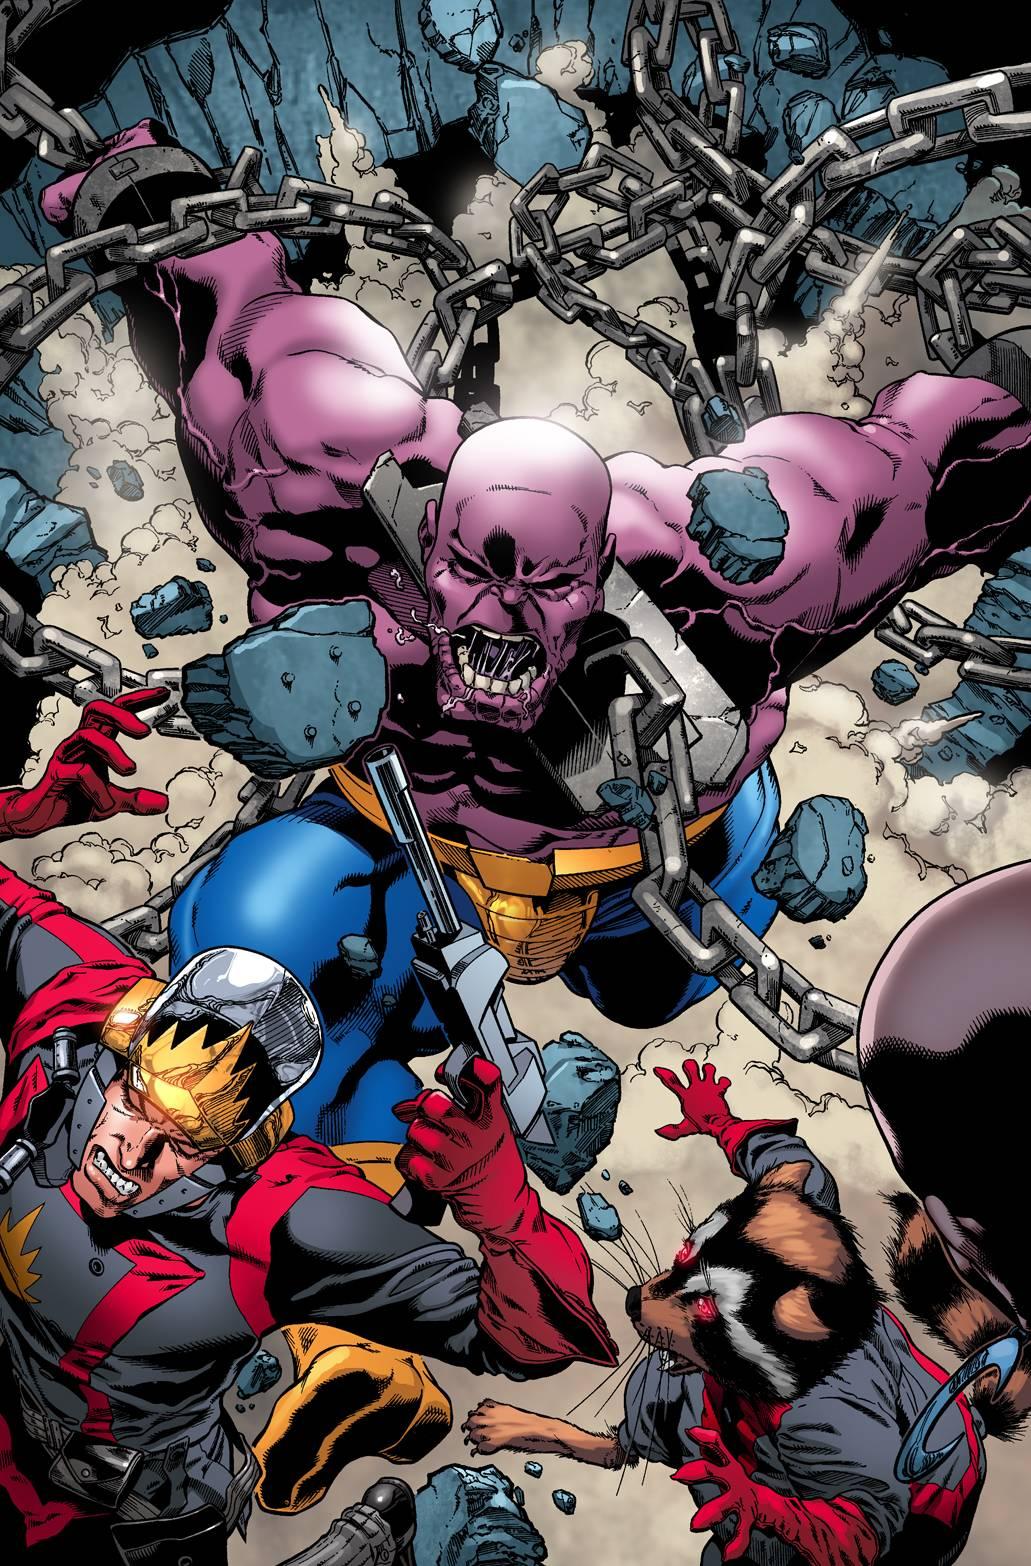 Thanos vs darkseid yahoo dating 1